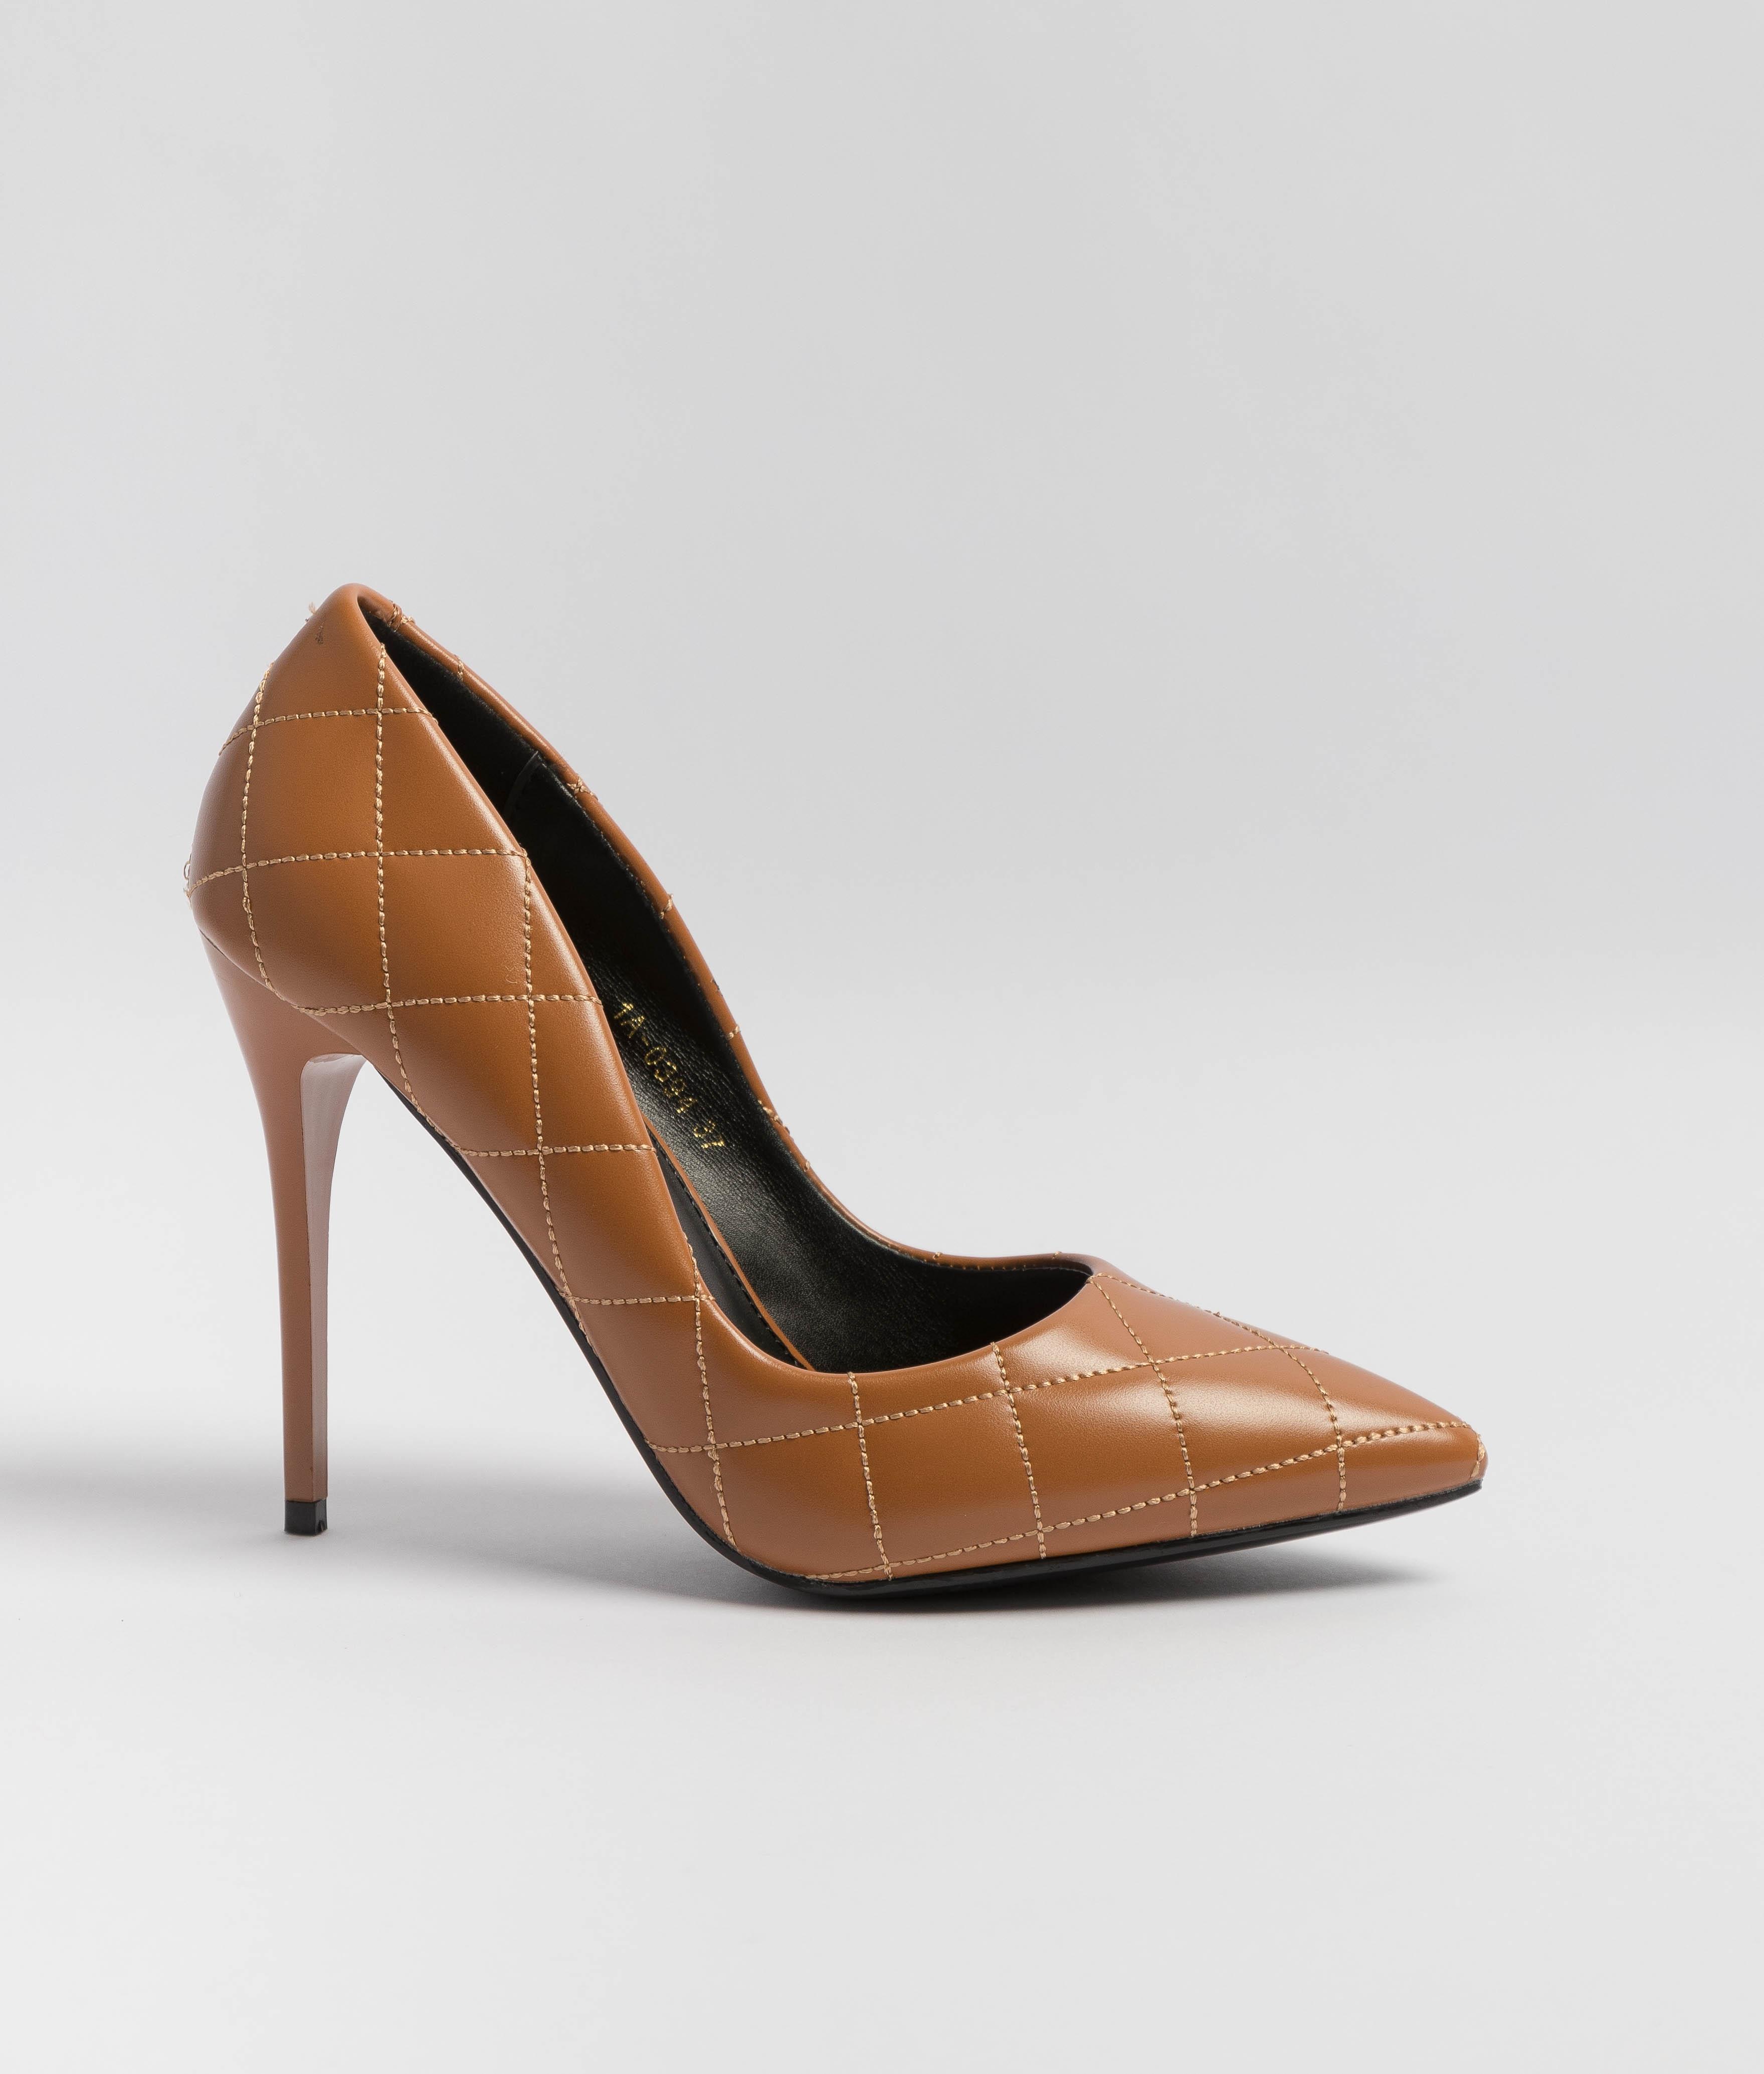 Zapato Satira - Cammello